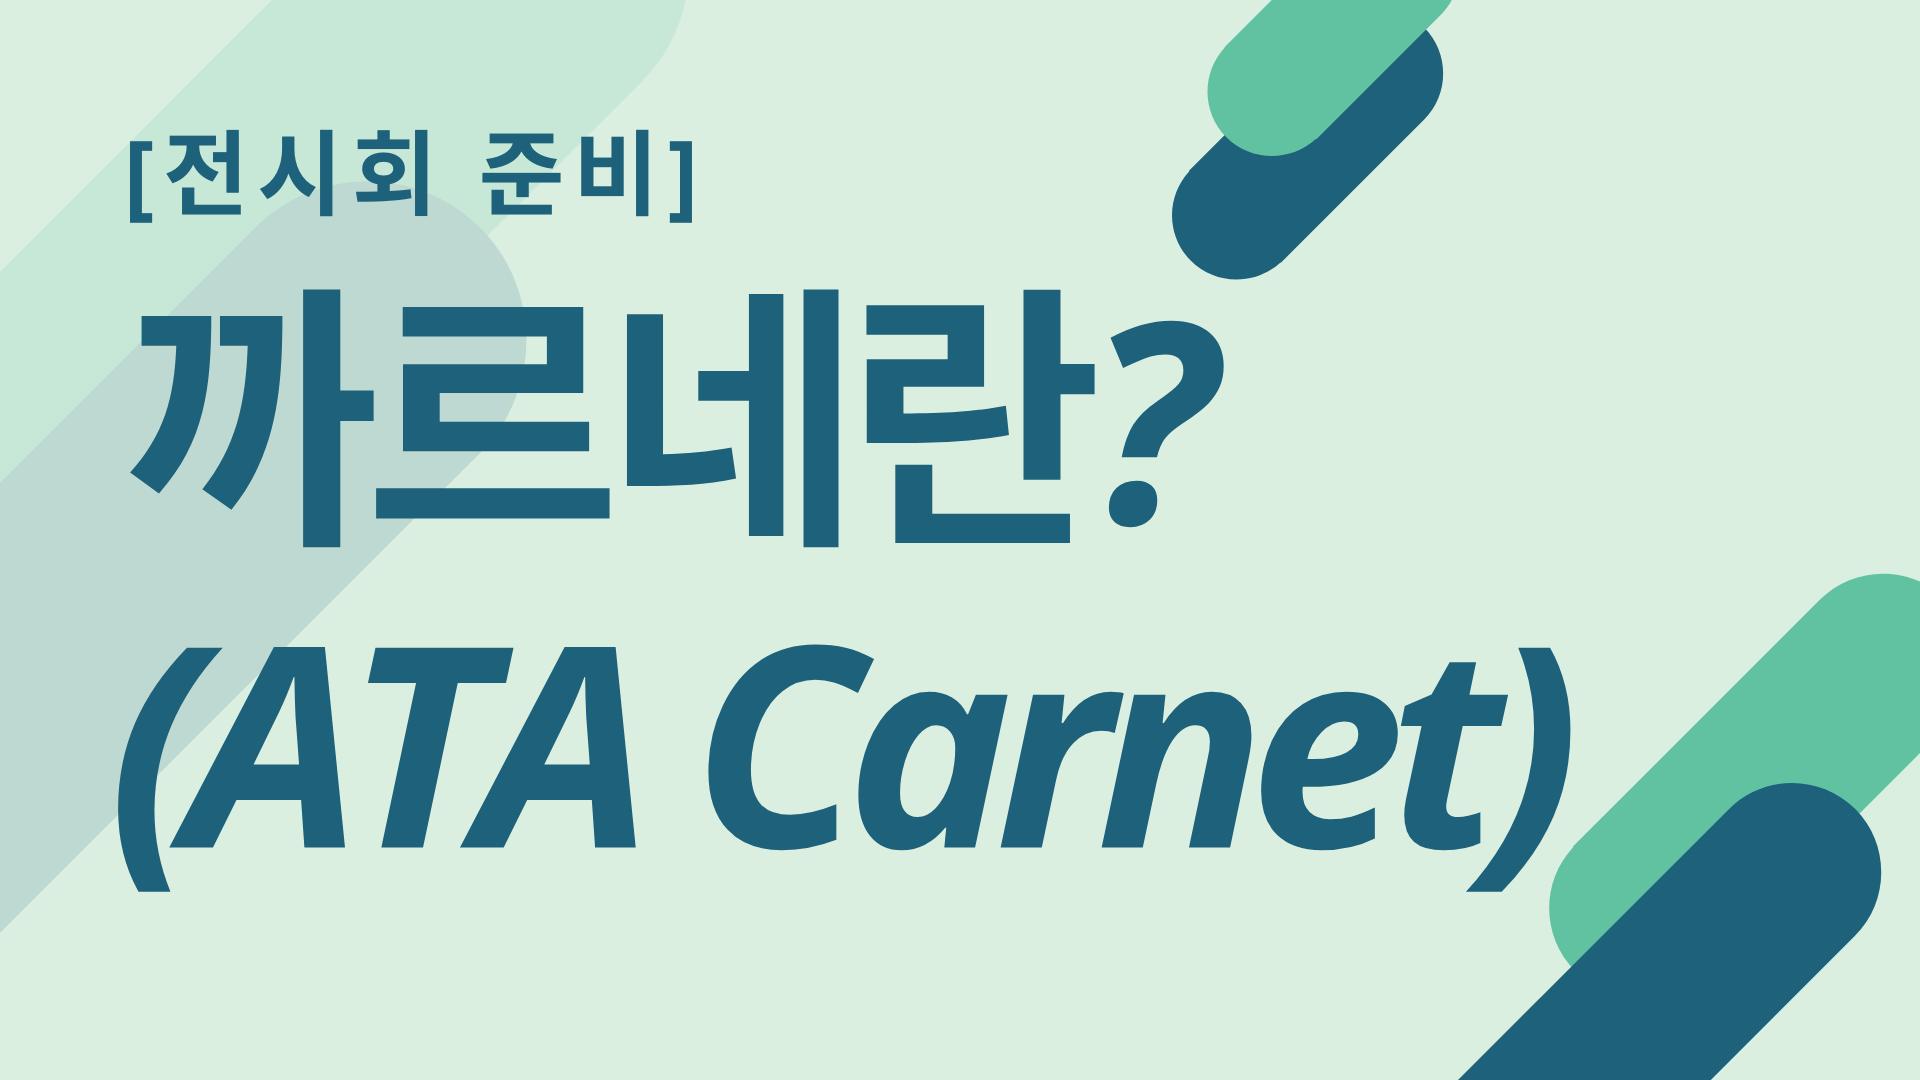 [박람회 전시품 전용 운송 통관] 관세없이 전시품 보내는 방법 feat. ATA 까르네(Carnet)